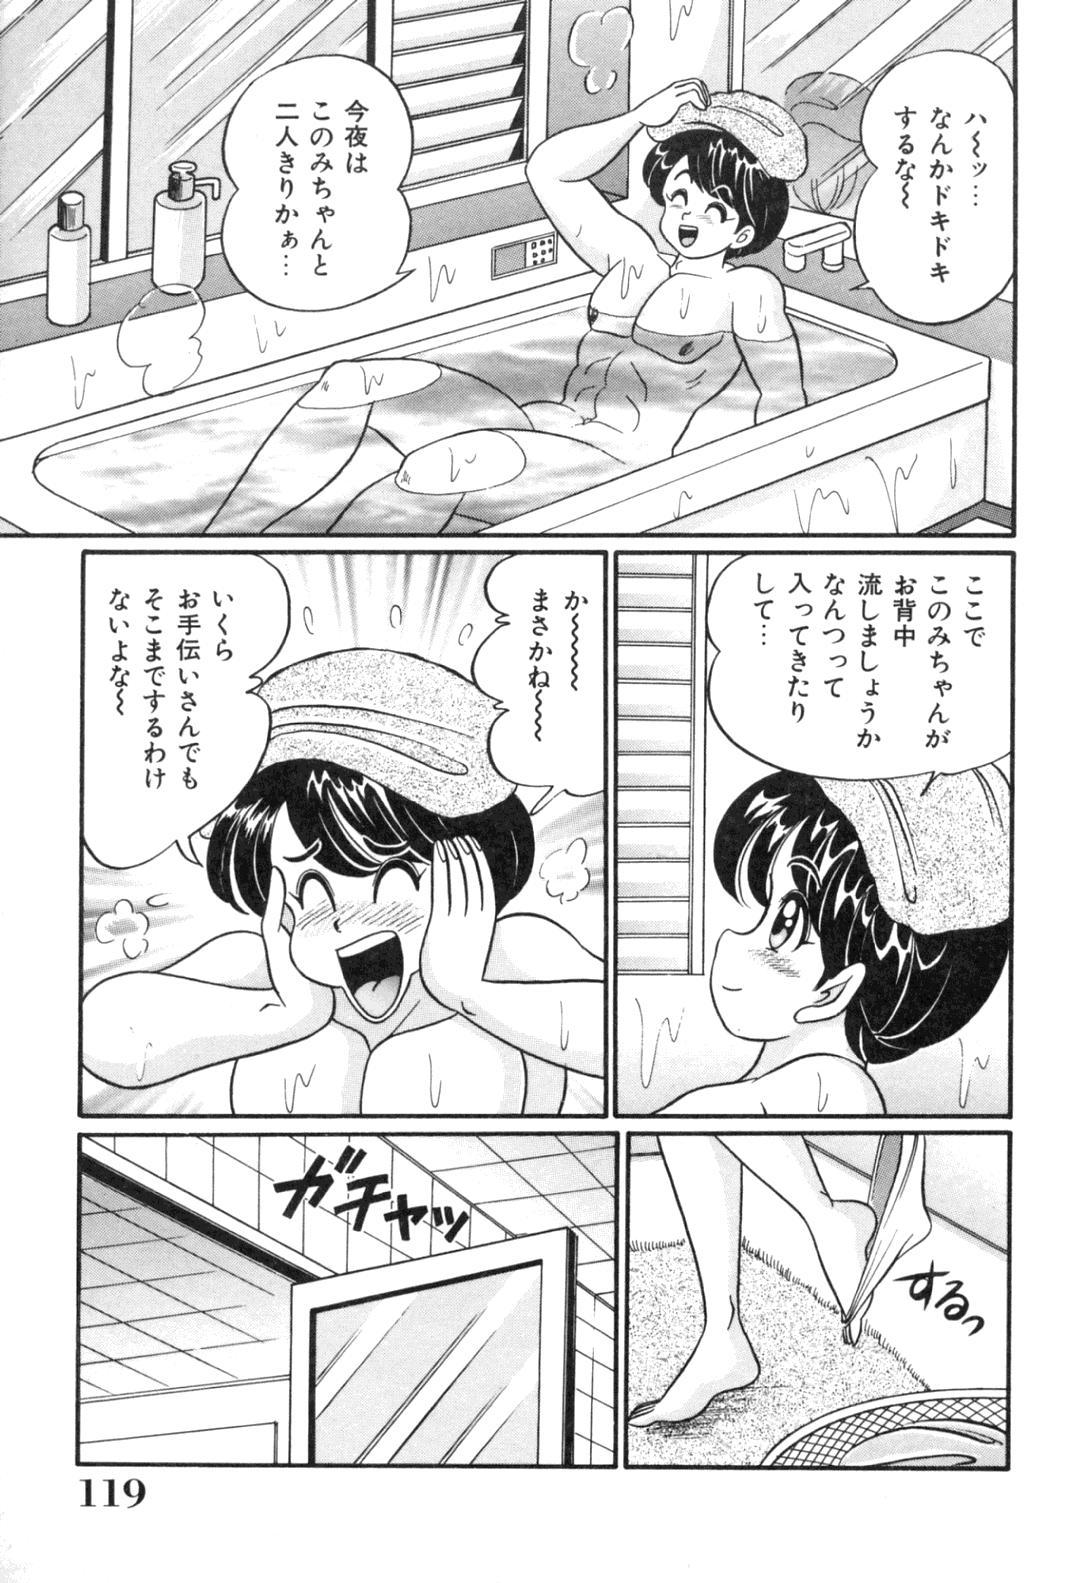 [Watanabe Wataru] Tonari no Onee-san - Sister of Neighborhood 119